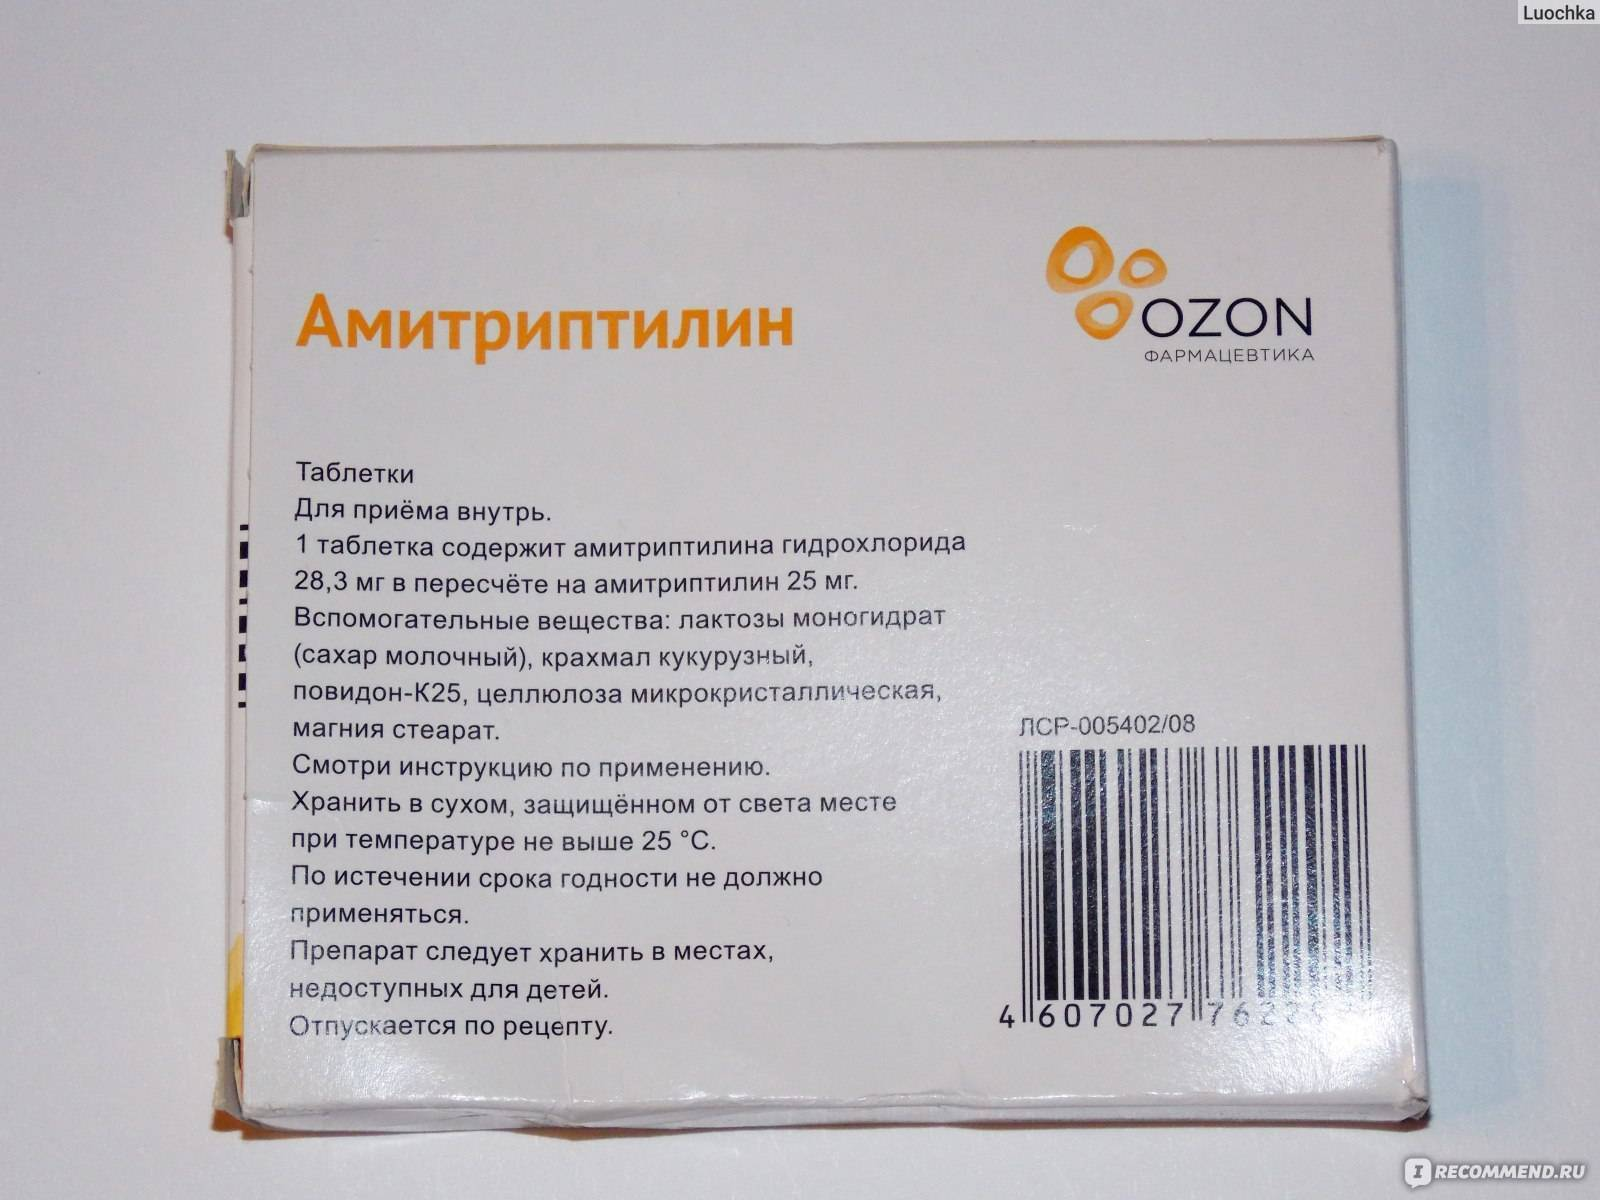 Антидепрессанты без рецепта врача: рекомендации, отзывы. какие можно принимать антидепрессанты без рецептов врачей